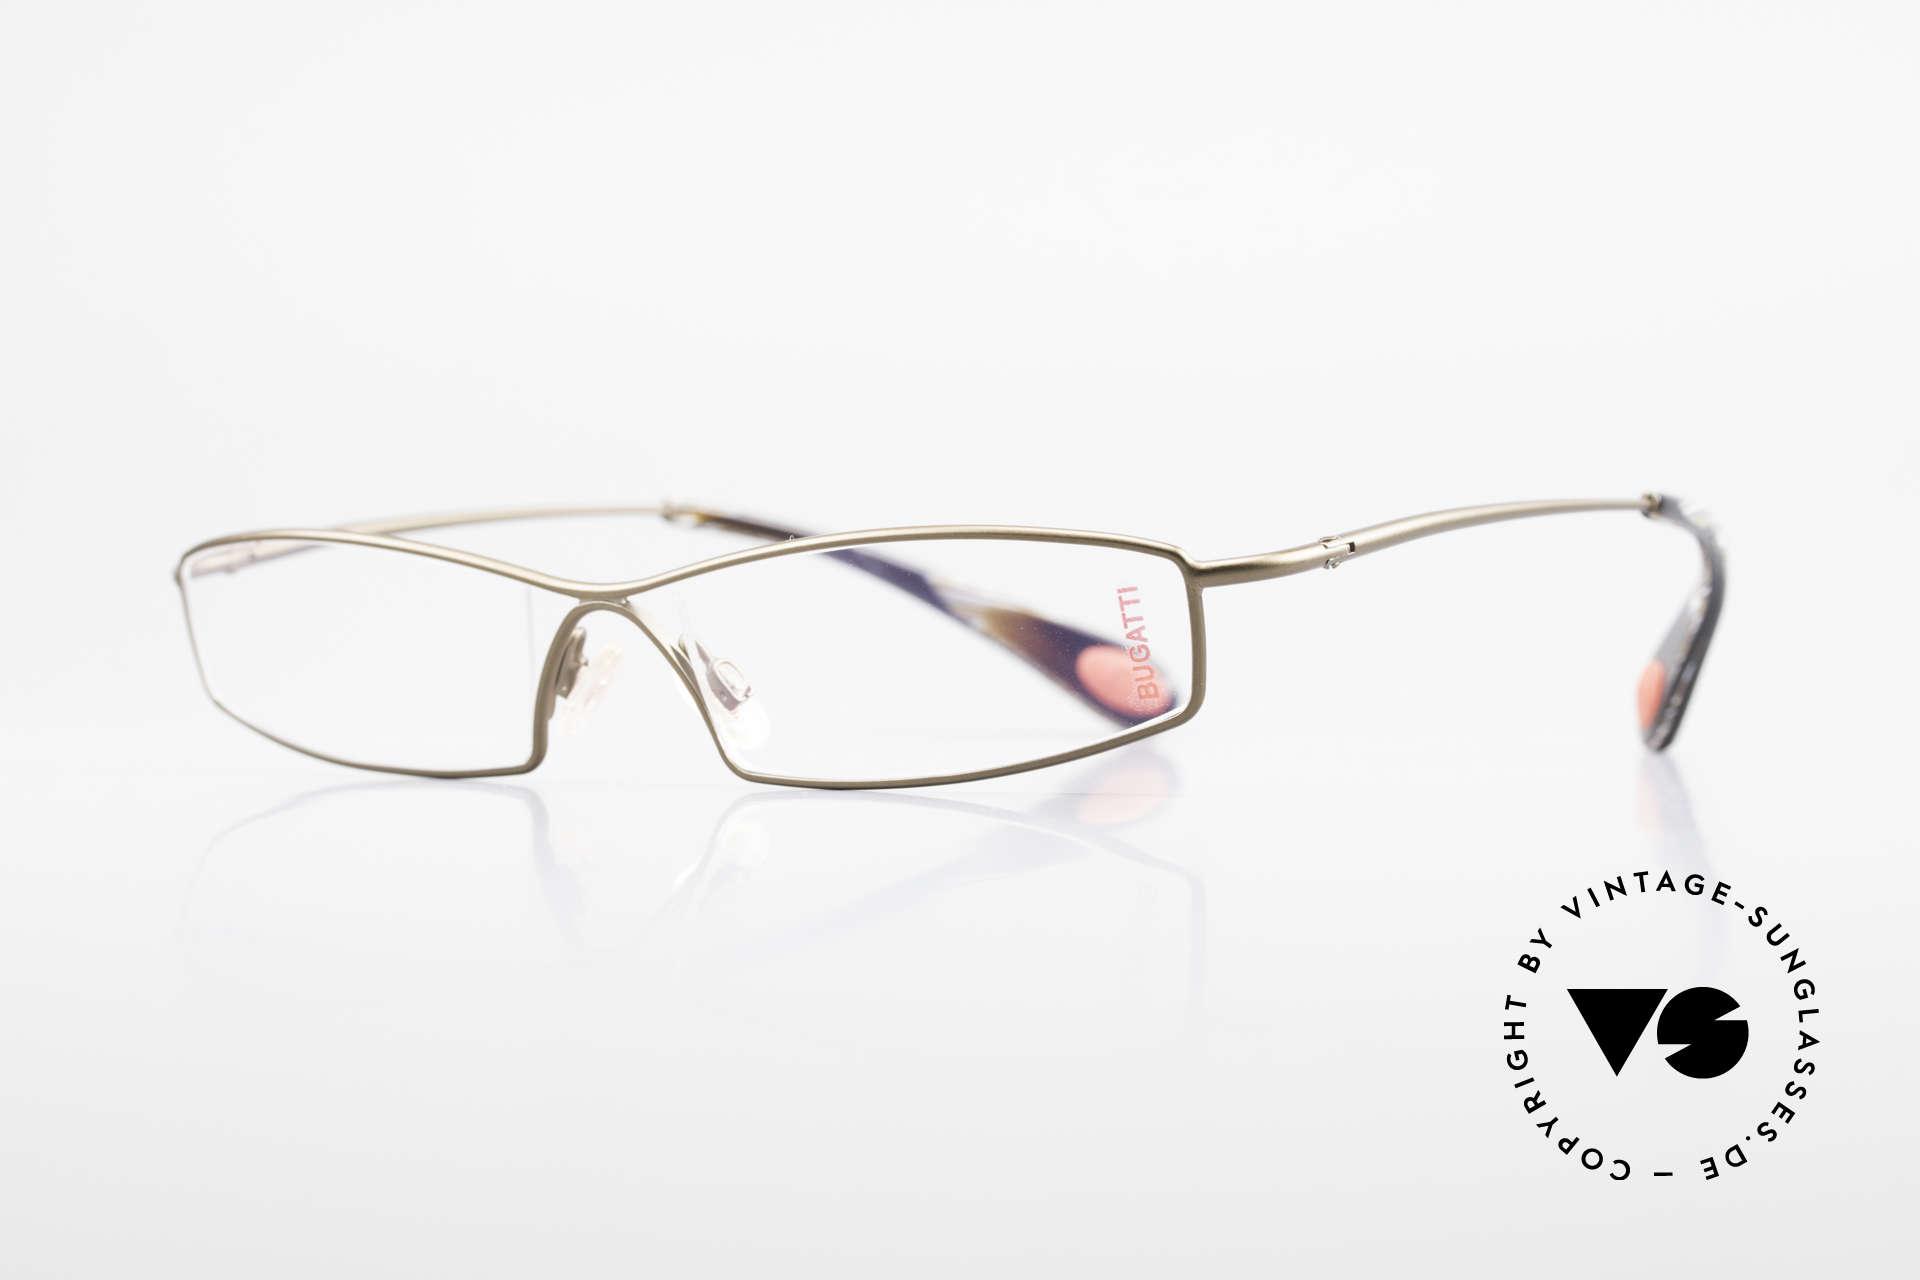 Bugatti 204 Odotype Limited Vintage Luxus Brille, high-tech Rahmen mit genialer Glaseinfassung, Passend für Herren